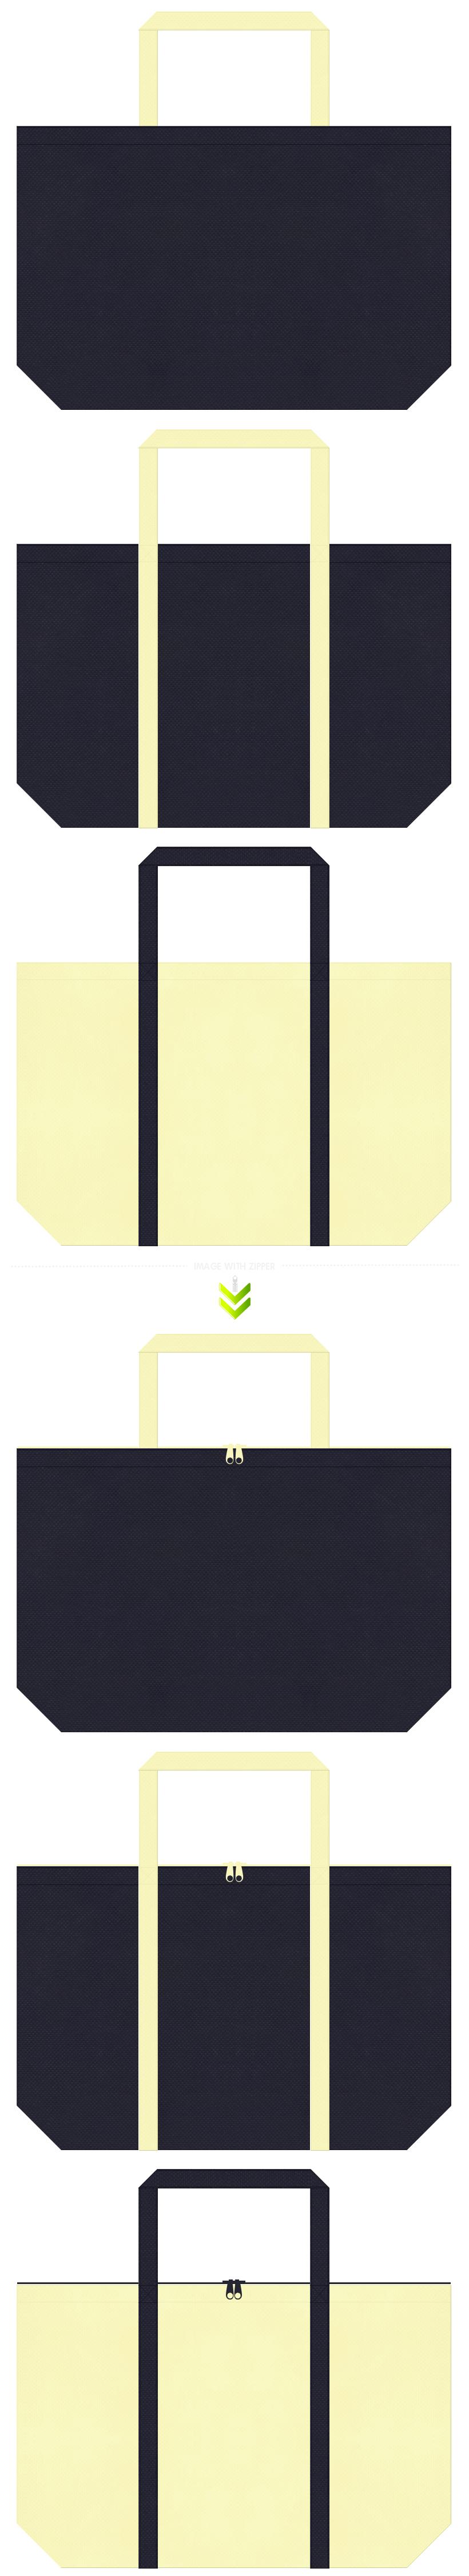 濃紺色と薄黄色の不織布エコバッグのデザイン。